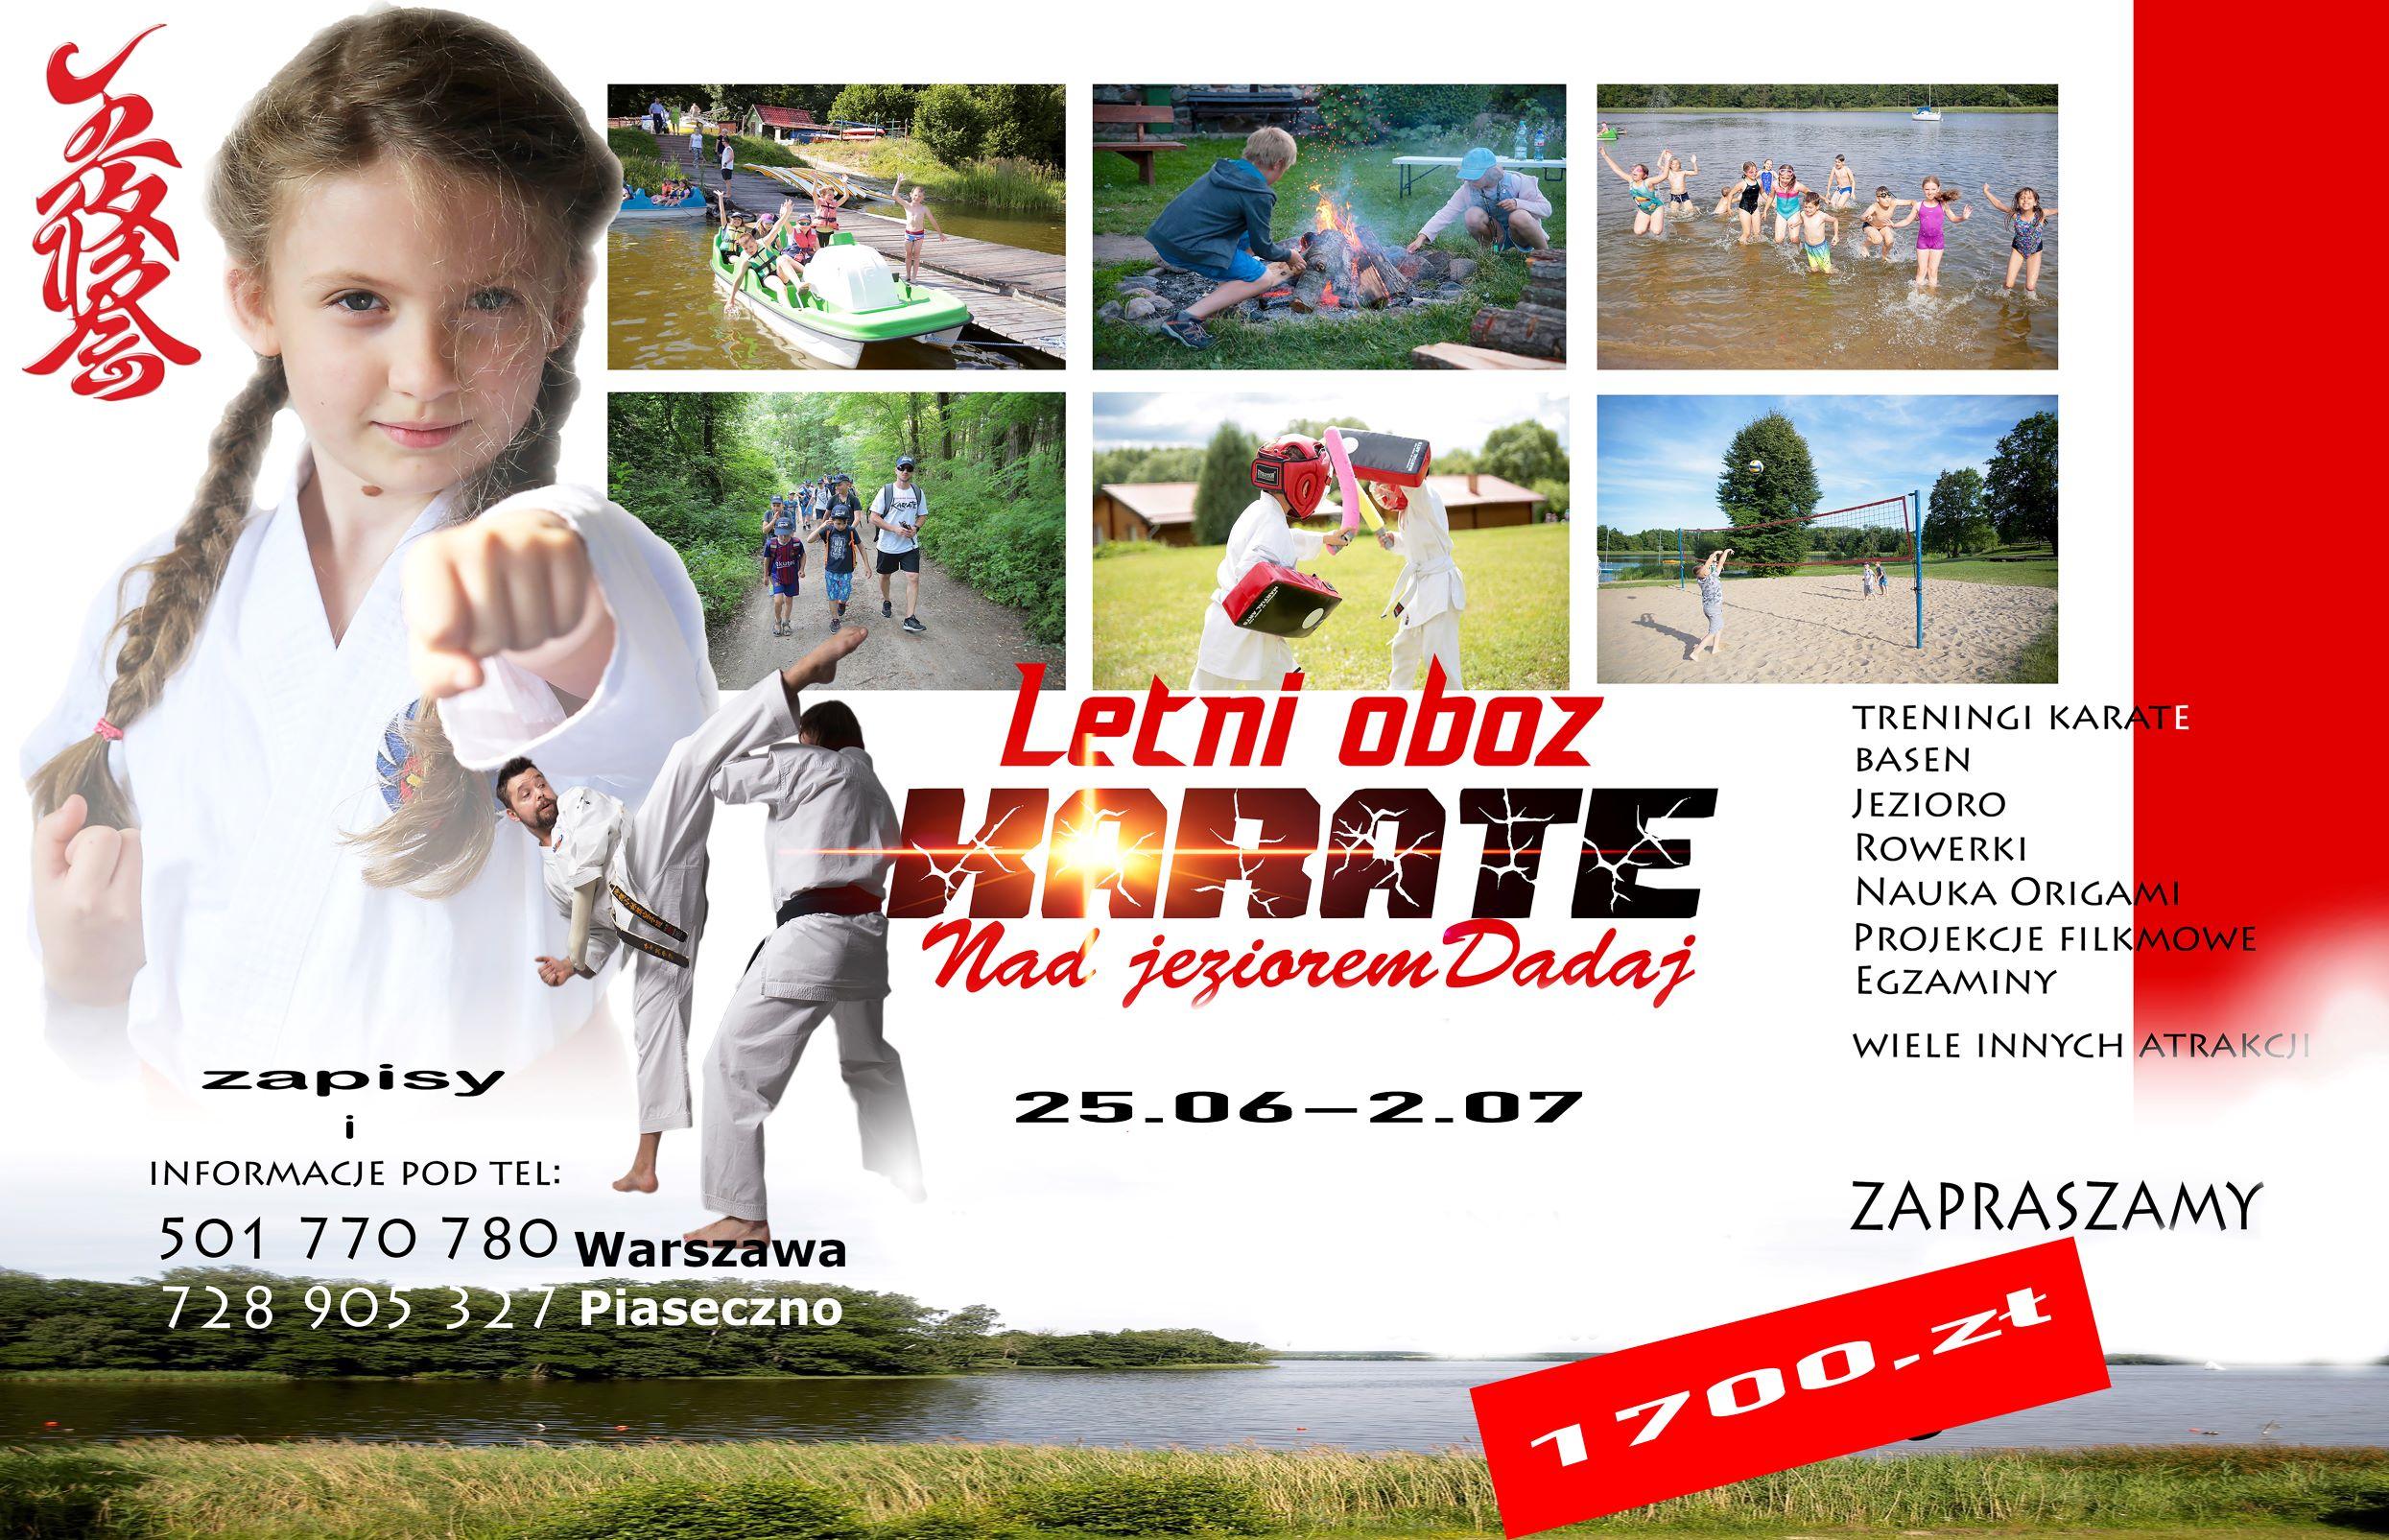 karate, Piaseczyński klub karate